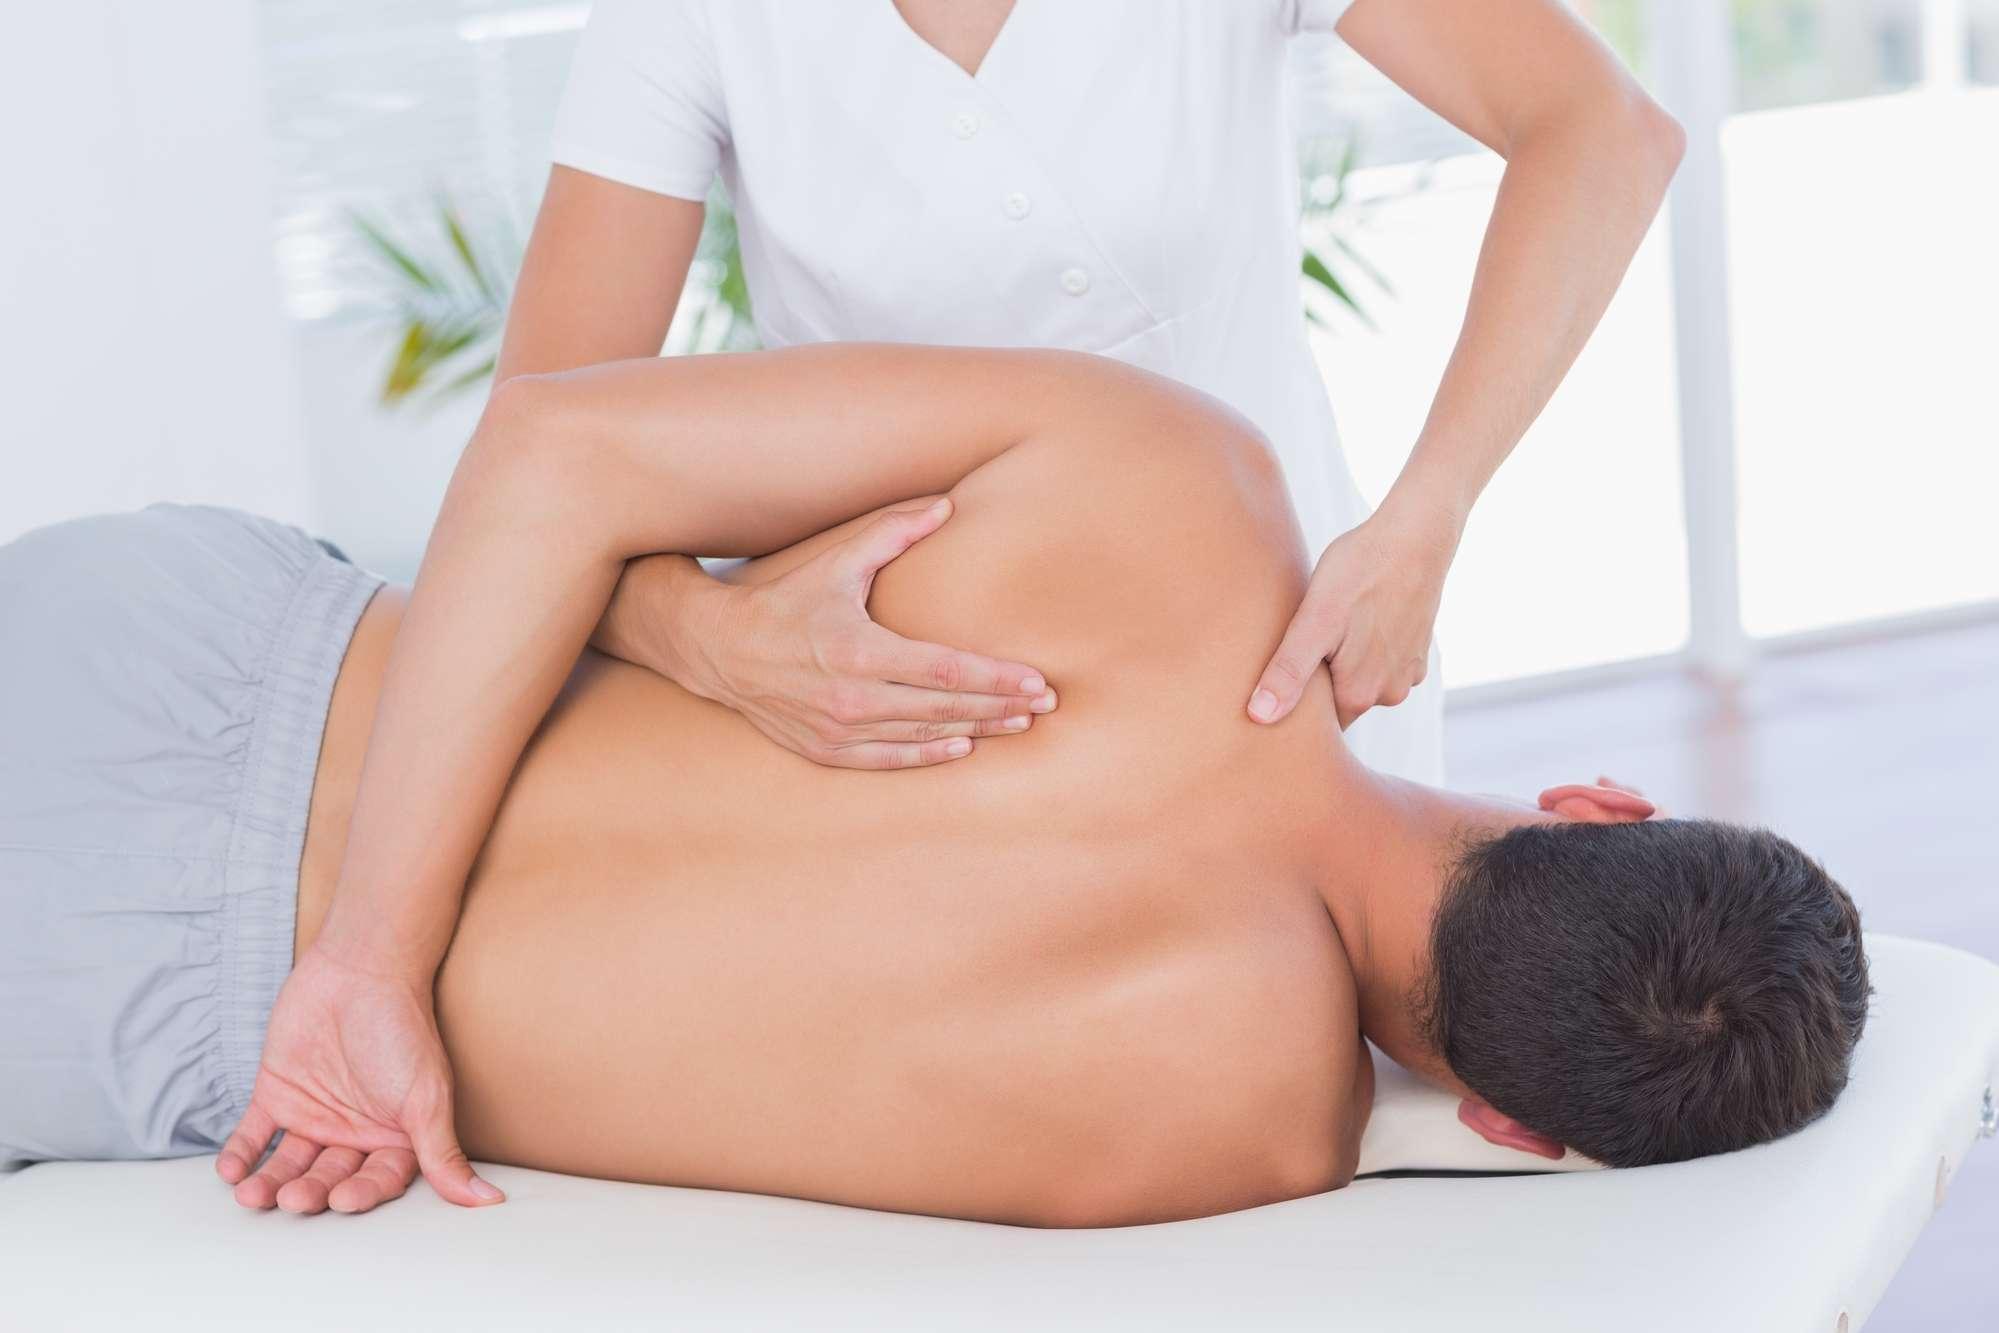 Az orvosi gyógymasszázs szerepe a mozgásszervek egészségében